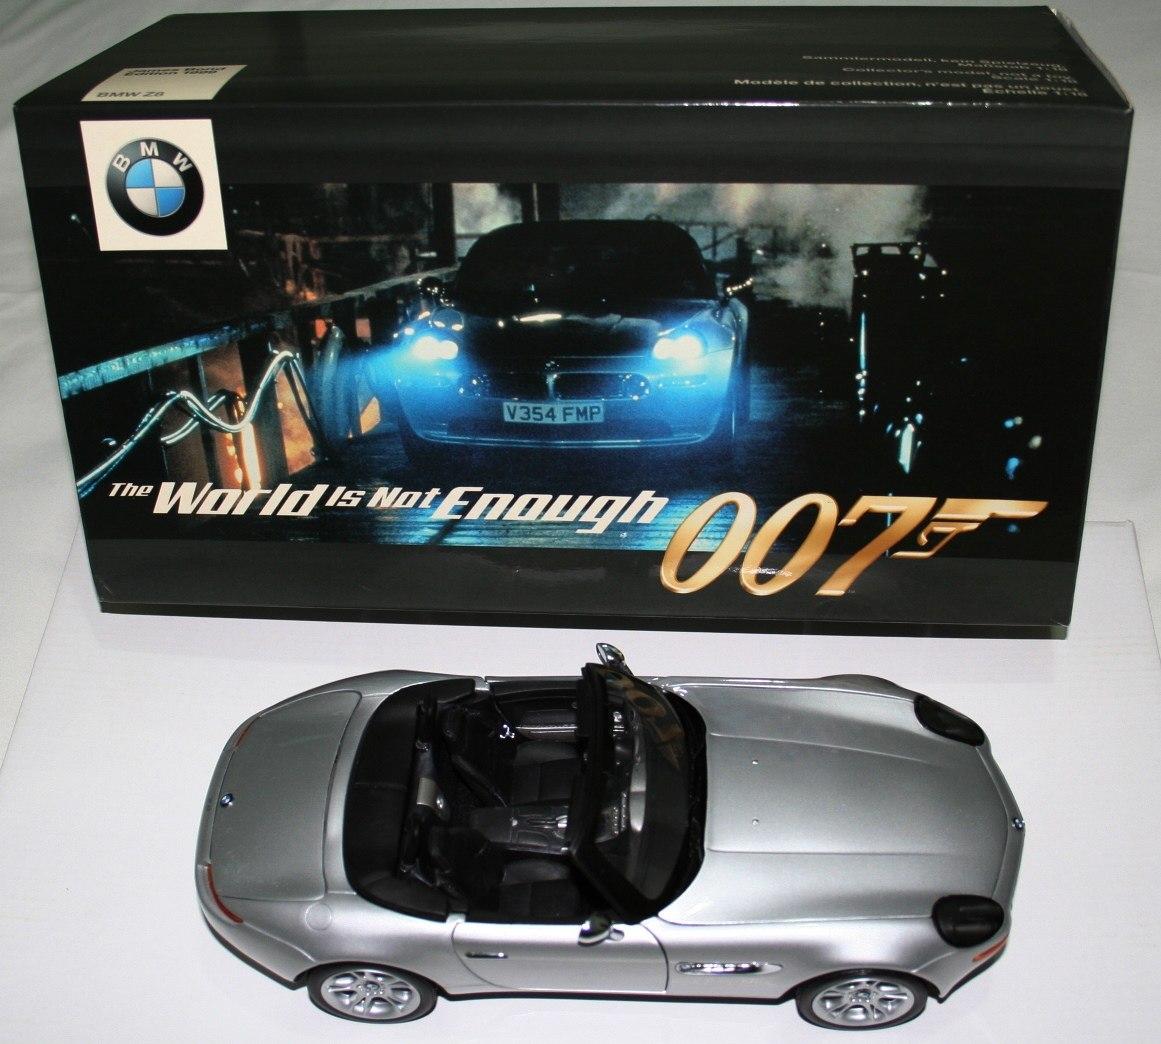 Bmw Z8 Bond: Bmw Z8 James Bond 007 Escala 1:18 Kyosho Dealer Edition